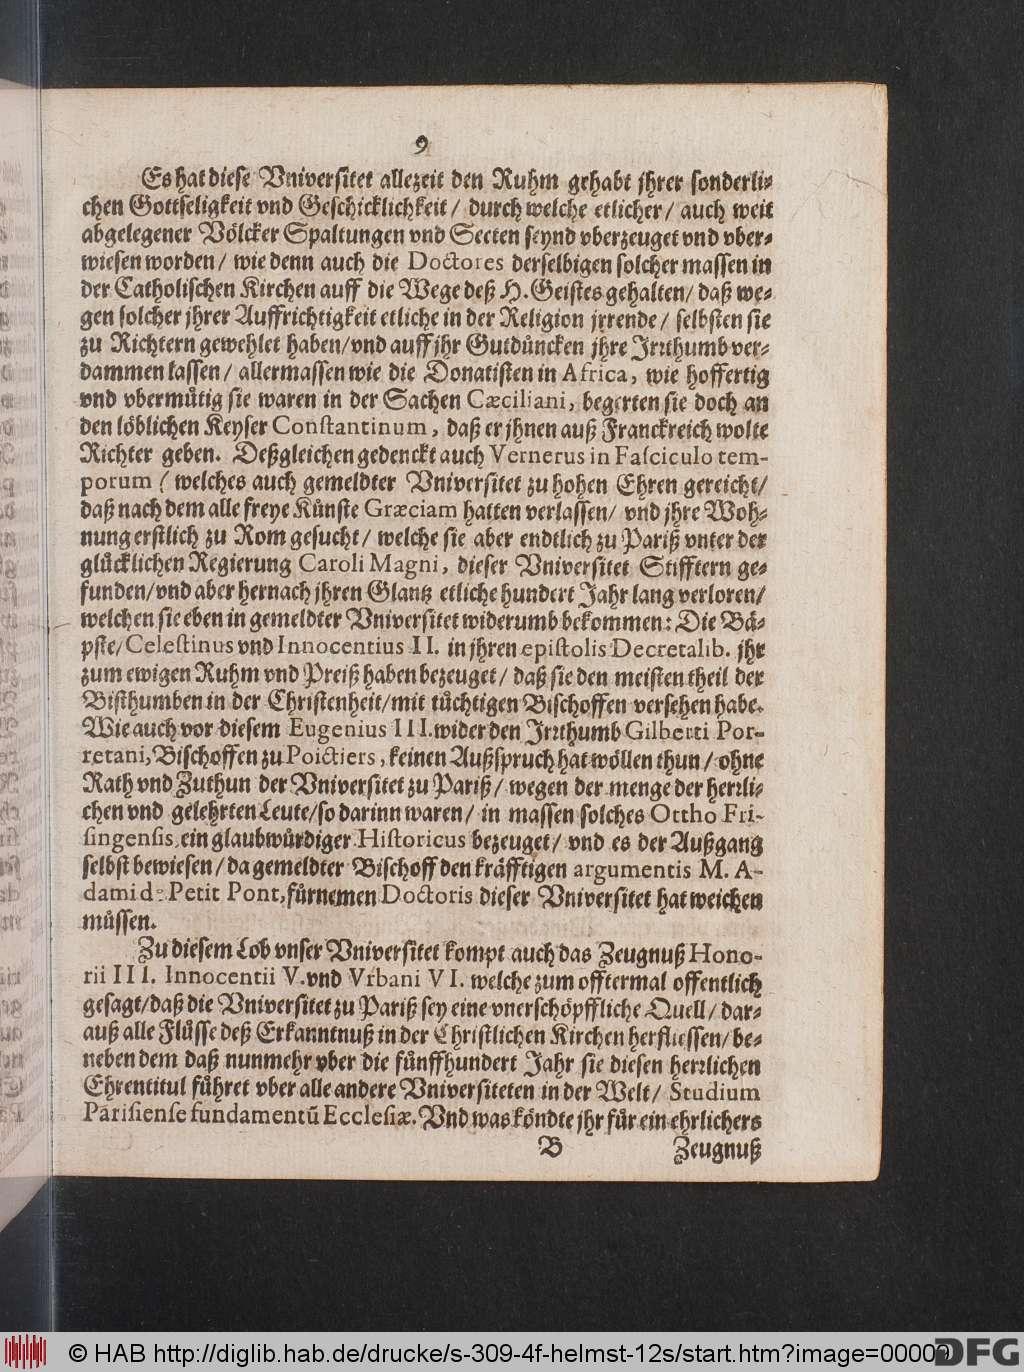 http://diglib.hab.de/drucke/s-309-4f-helmst-12s/00009.jpg